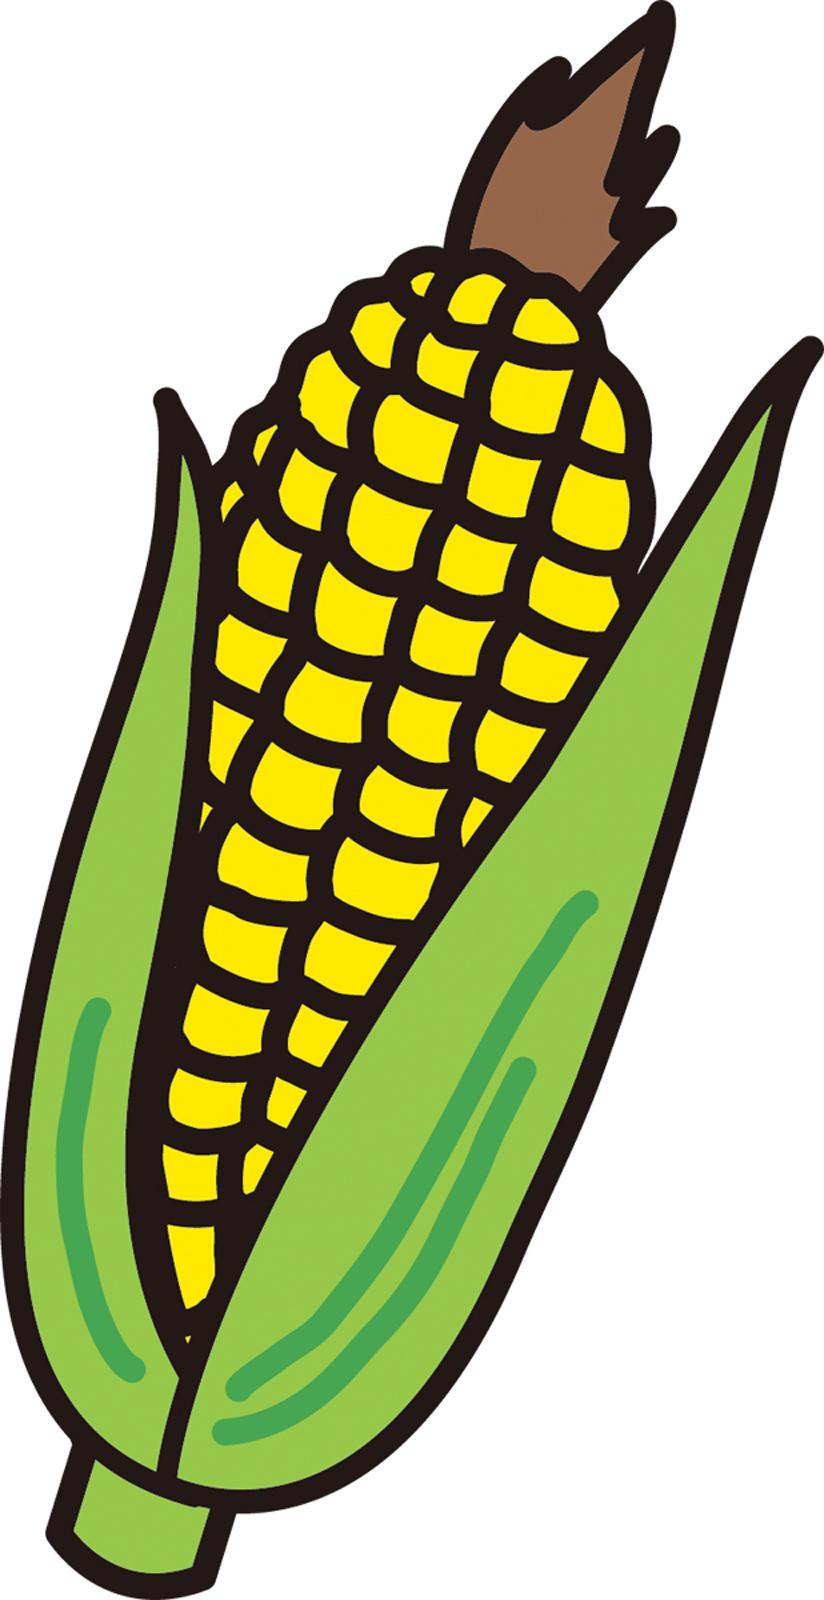 遺伝子組み換え食品(GMO)で癌に。あの商品もそうだったのか